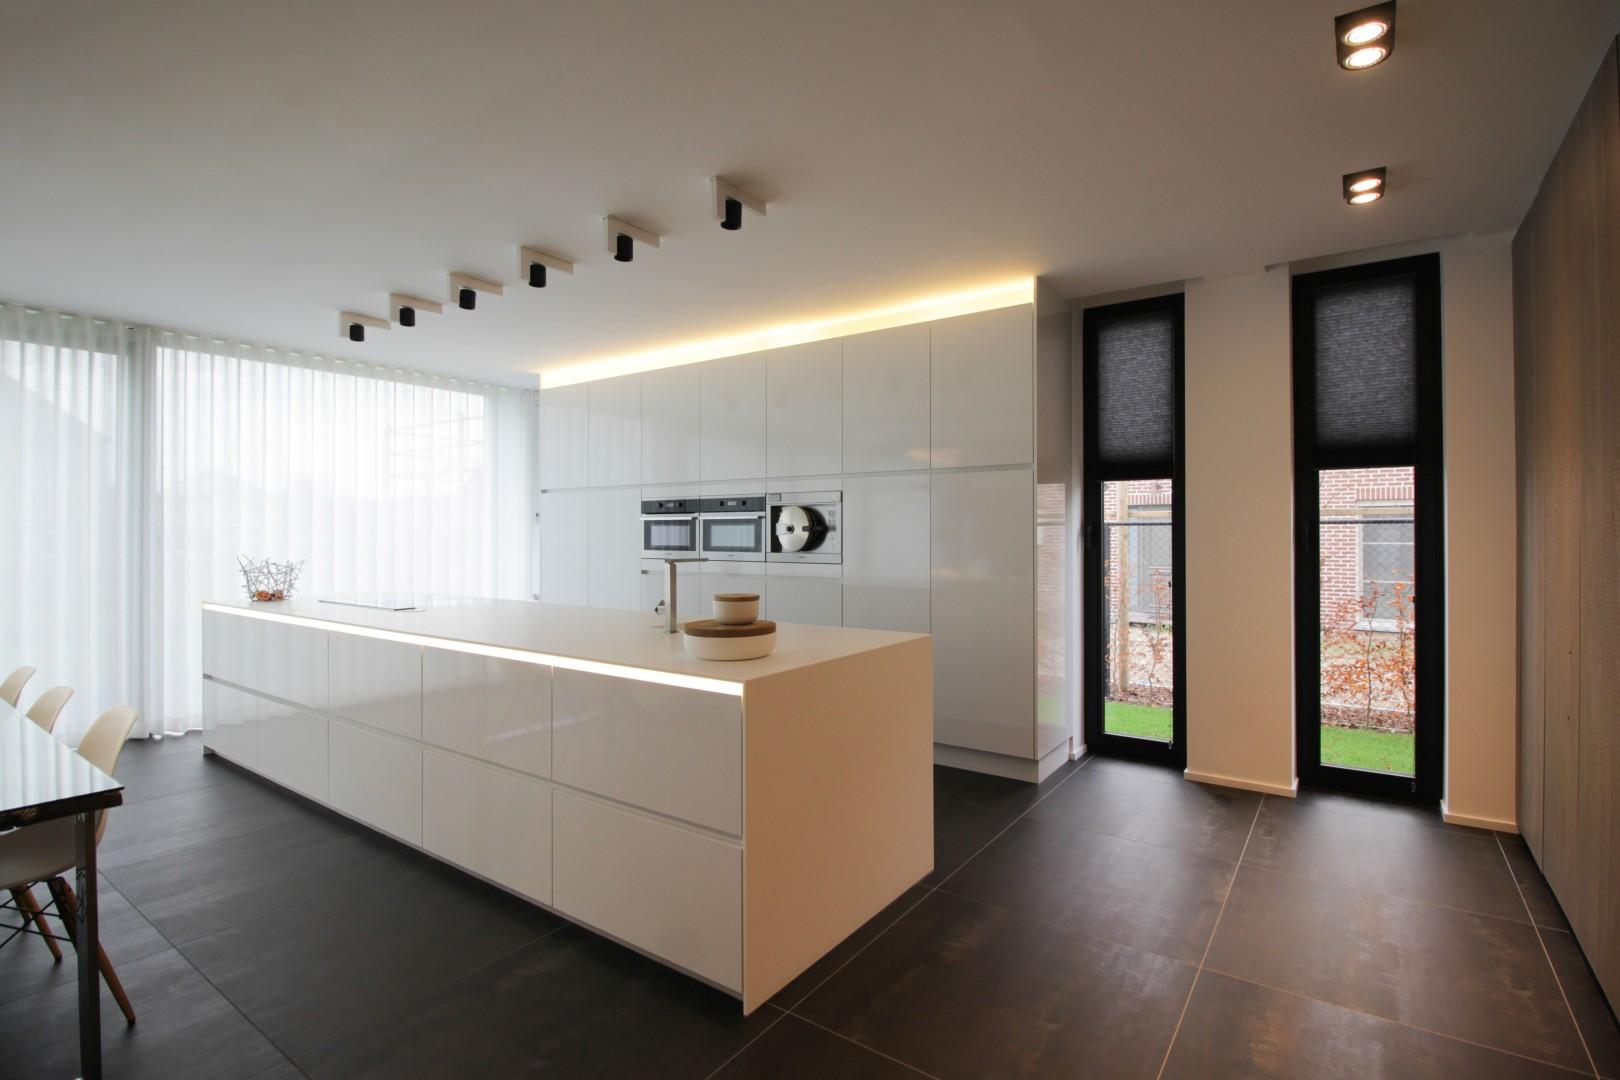 interieur aanpassing van een keuken